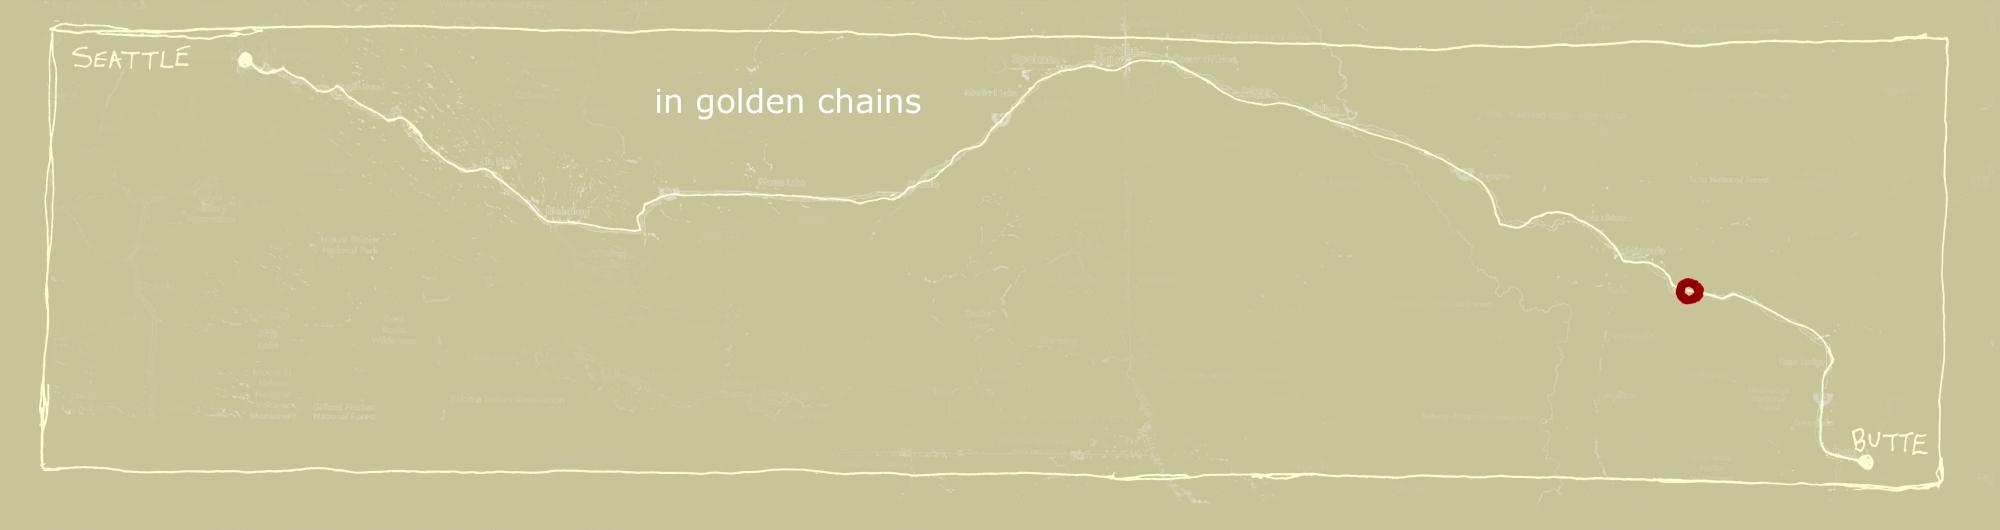 409 map